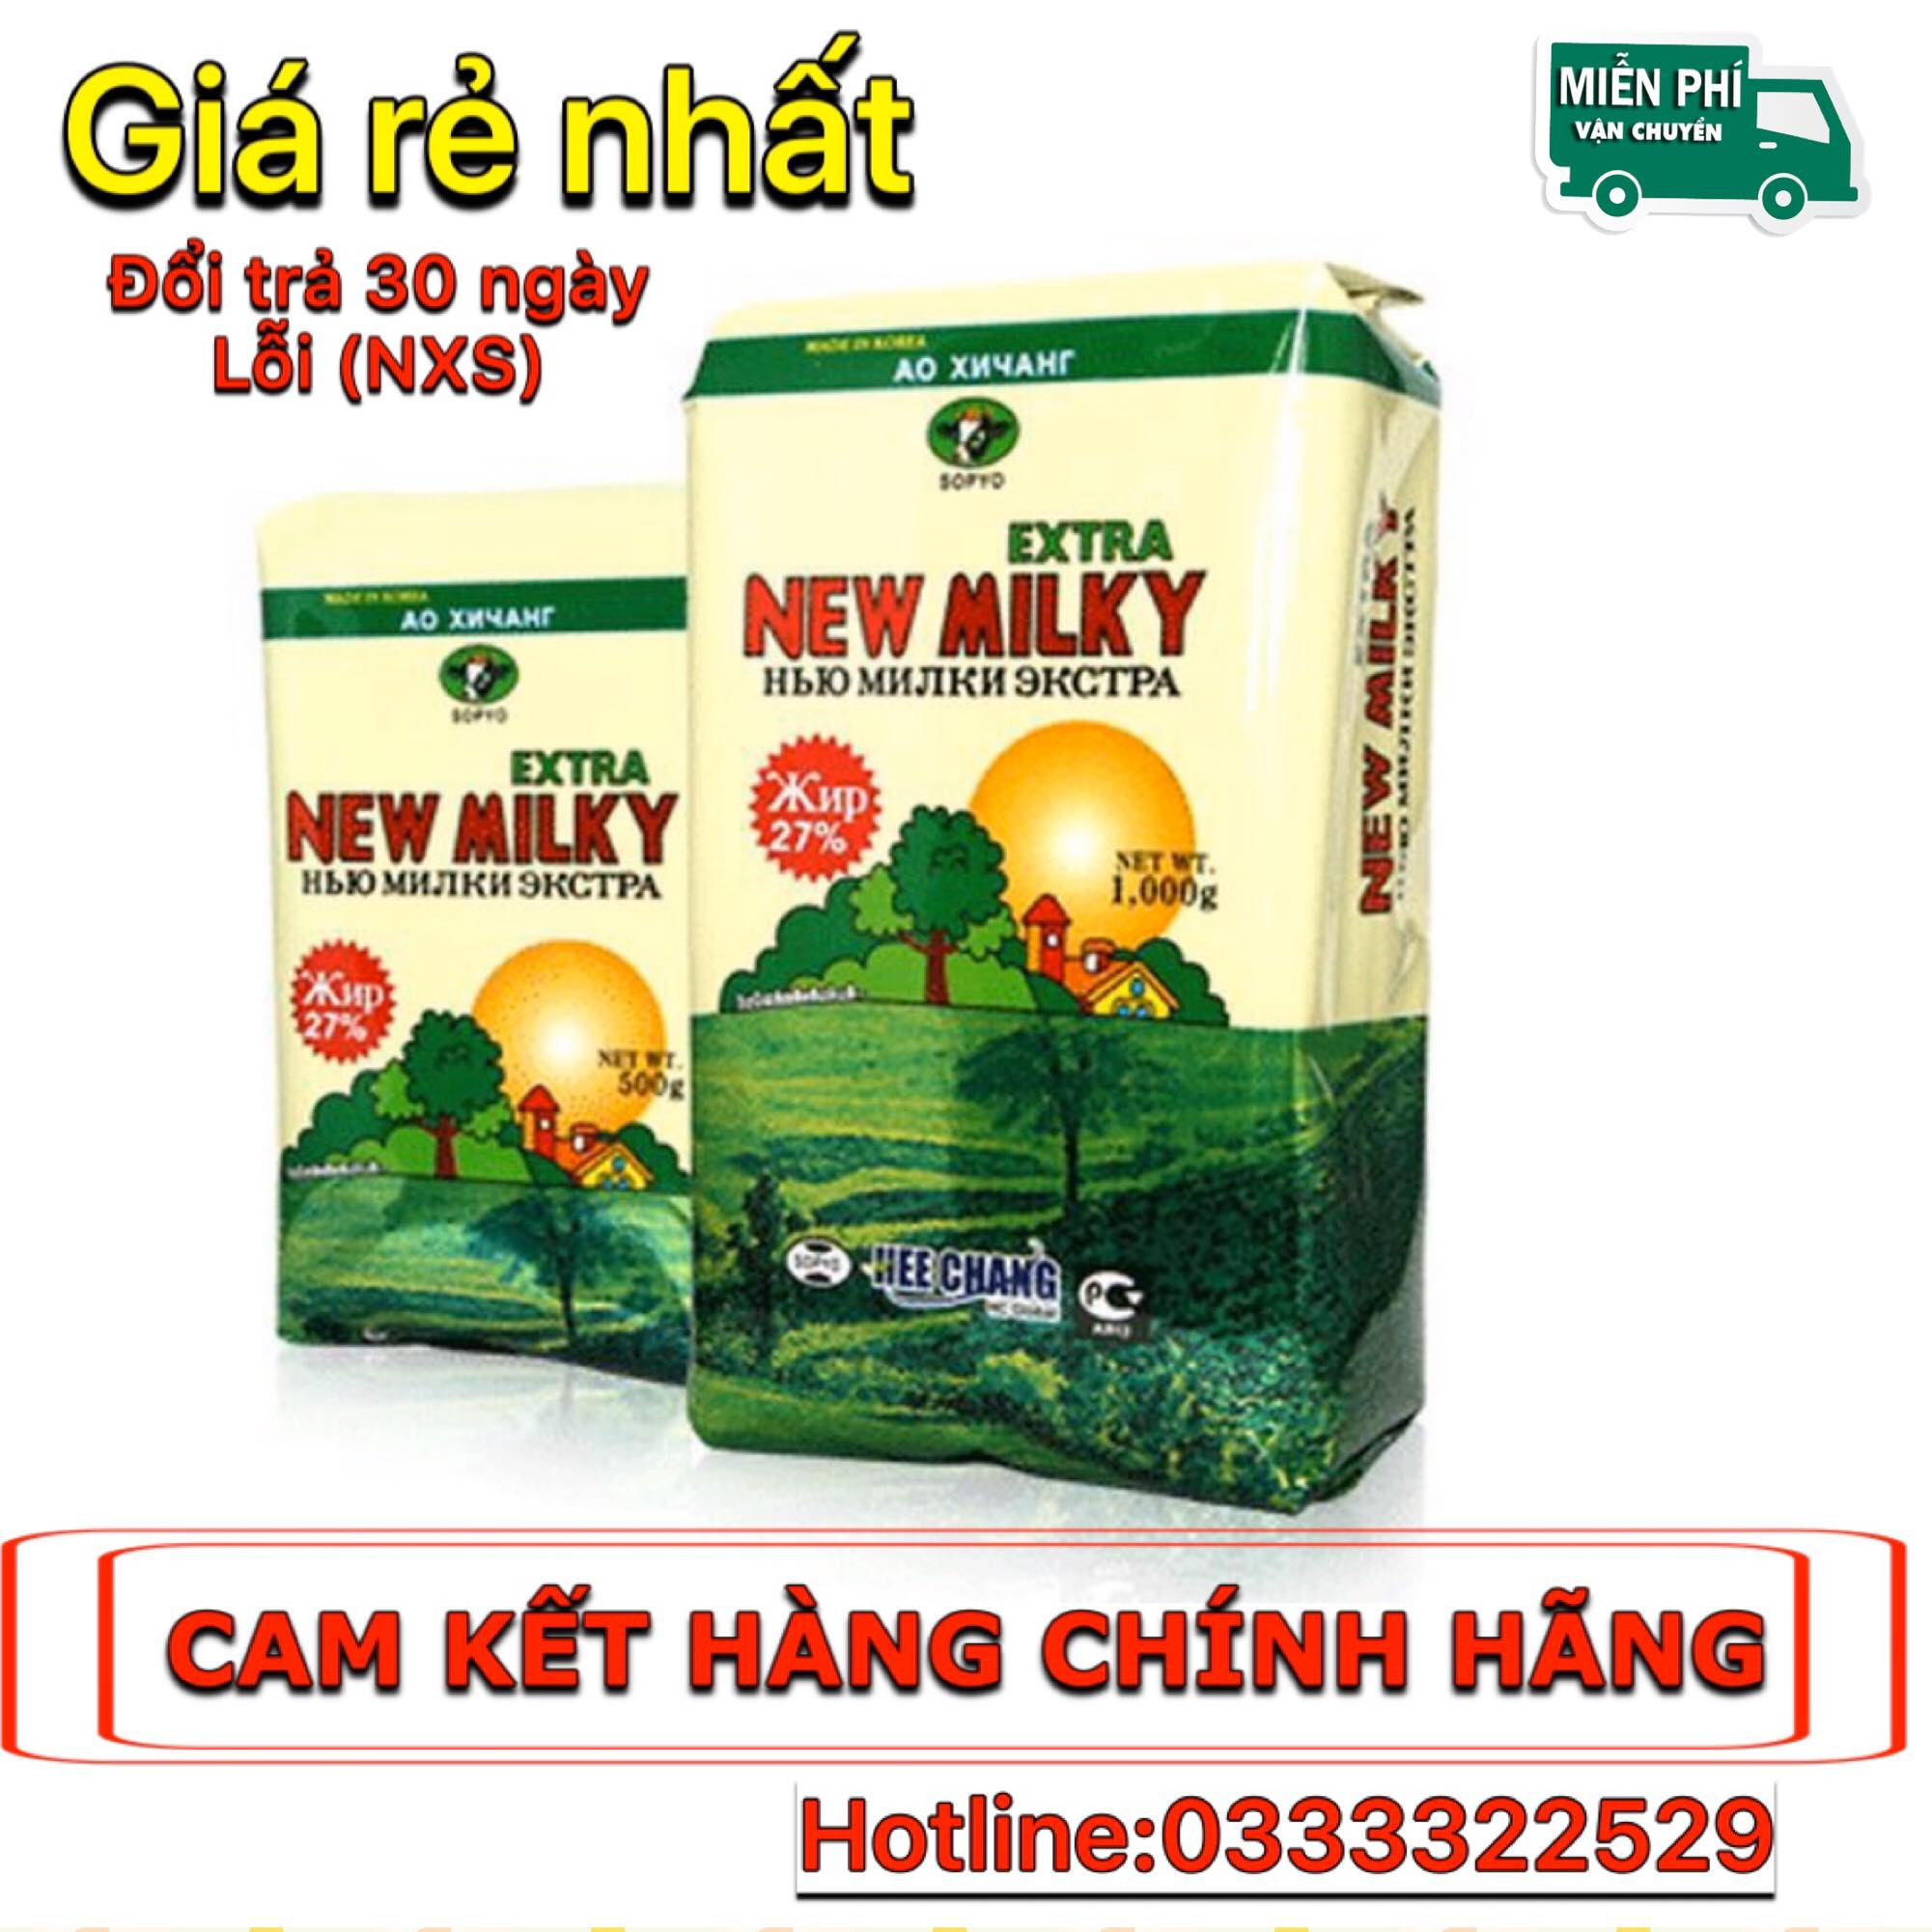 Offer tại Lazada cho (DATE MỚI) Sữa Béo Nga New Milky Extra, Sữa Tăng Cân Nga - Sữa Tăng Cân, Dinh Dưỡng Cho Người Gầy, Nhẹ Cân - New Milky Extra